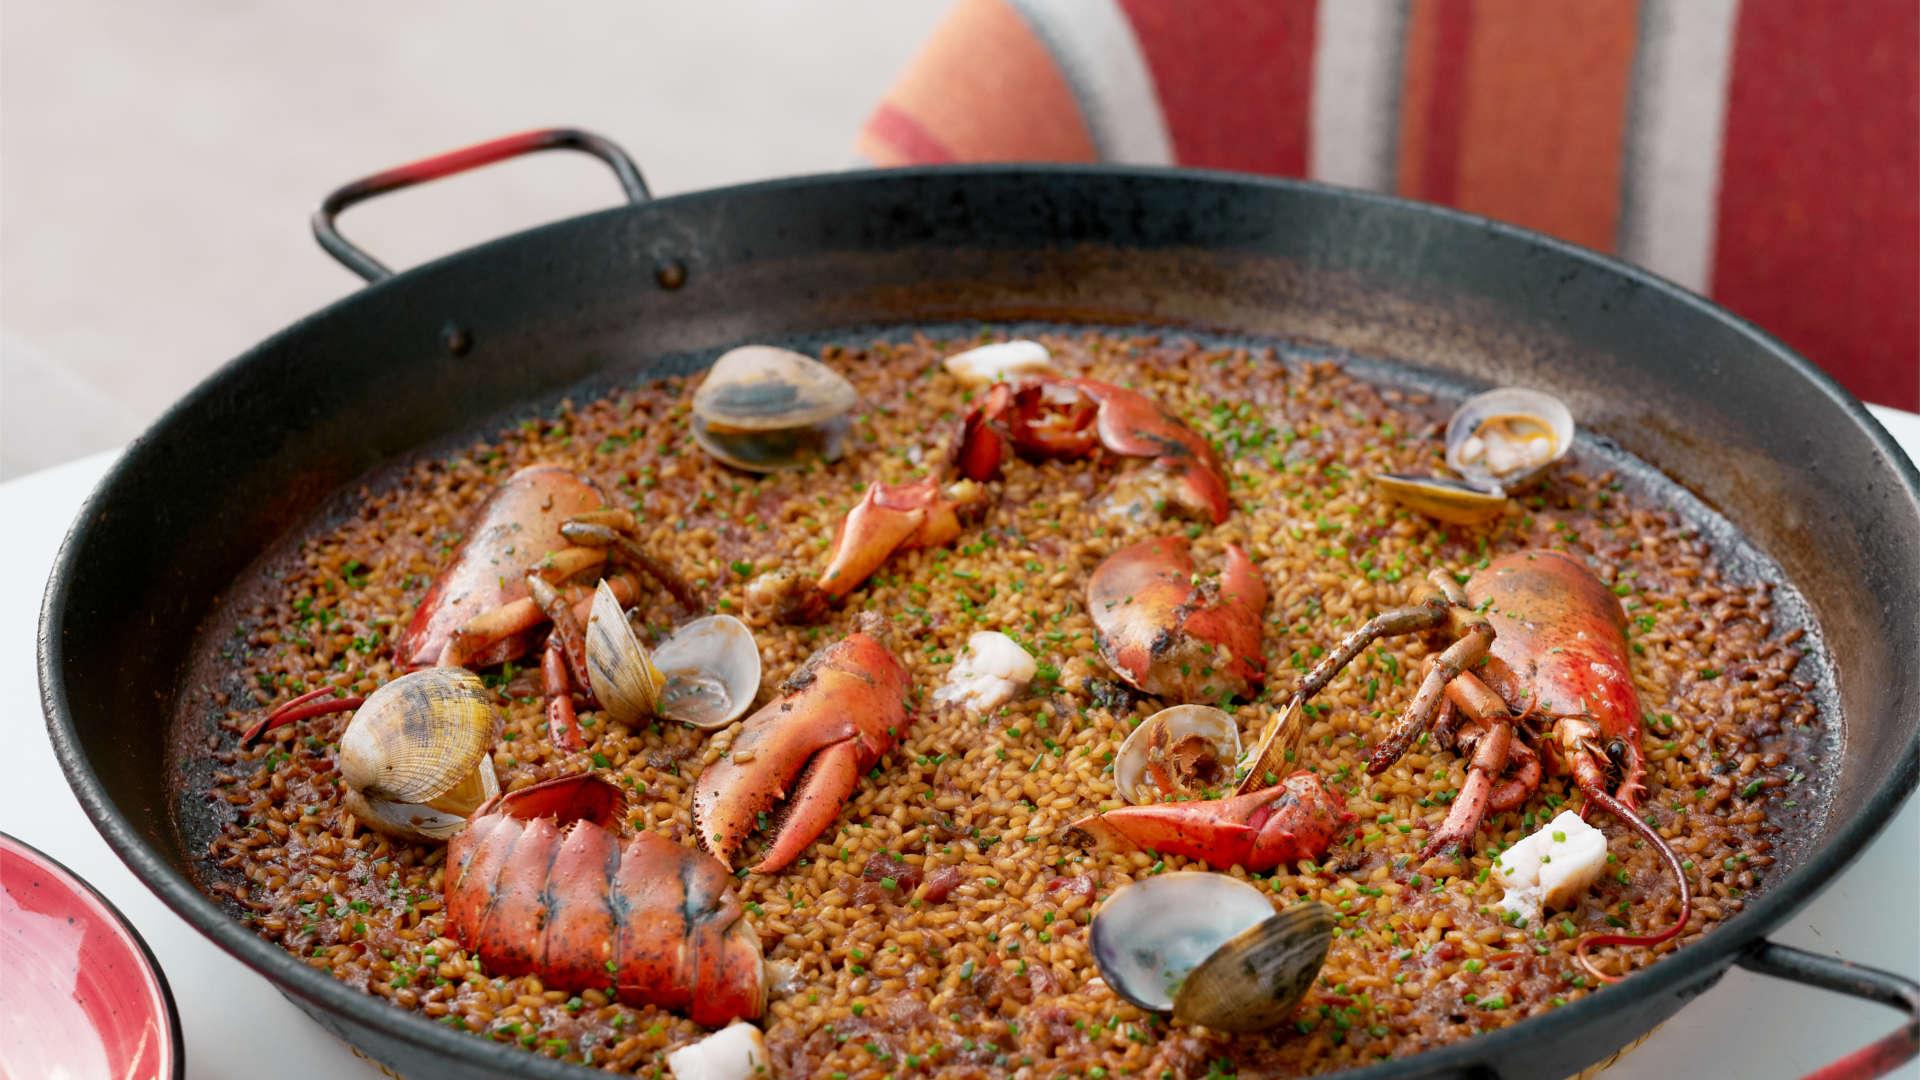 Buena paella en Barcelona Mana 75